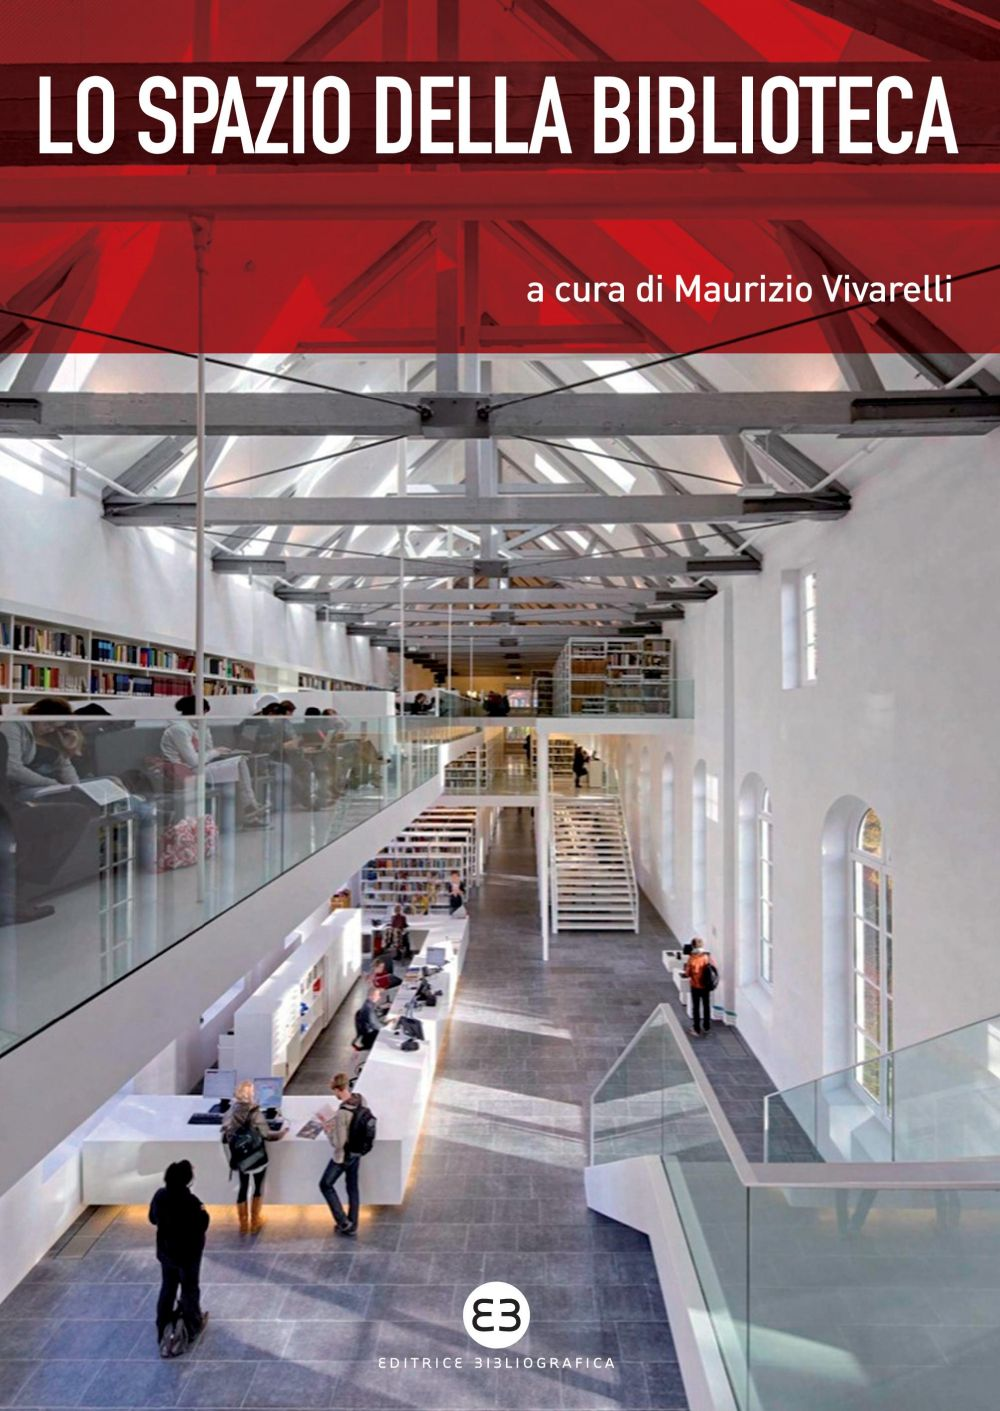 Lo spazio della biblioteca